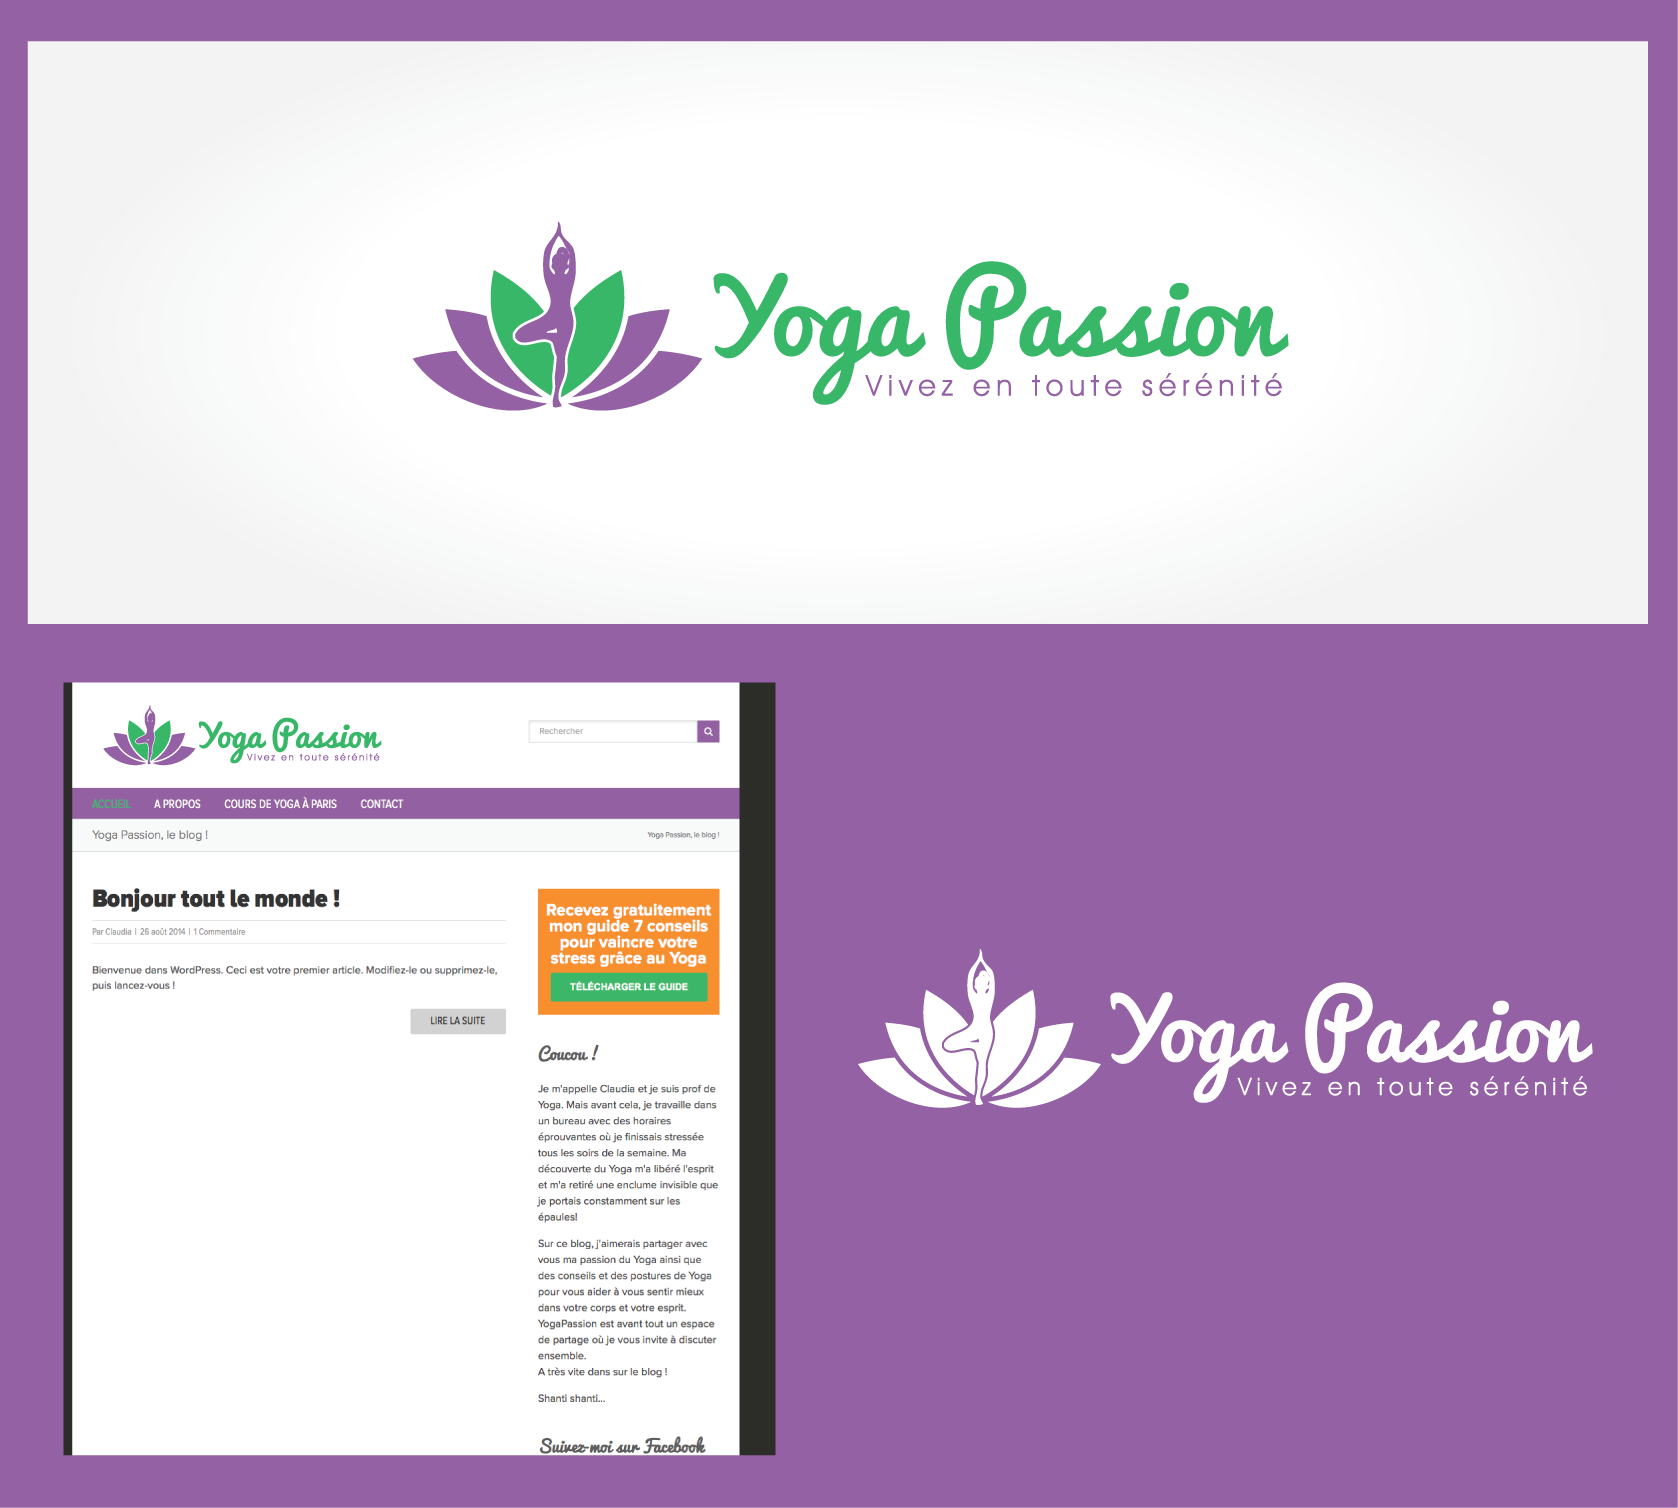 Peaceful pretty logo for a Yoga Business/blog (YogaPassion.fr)